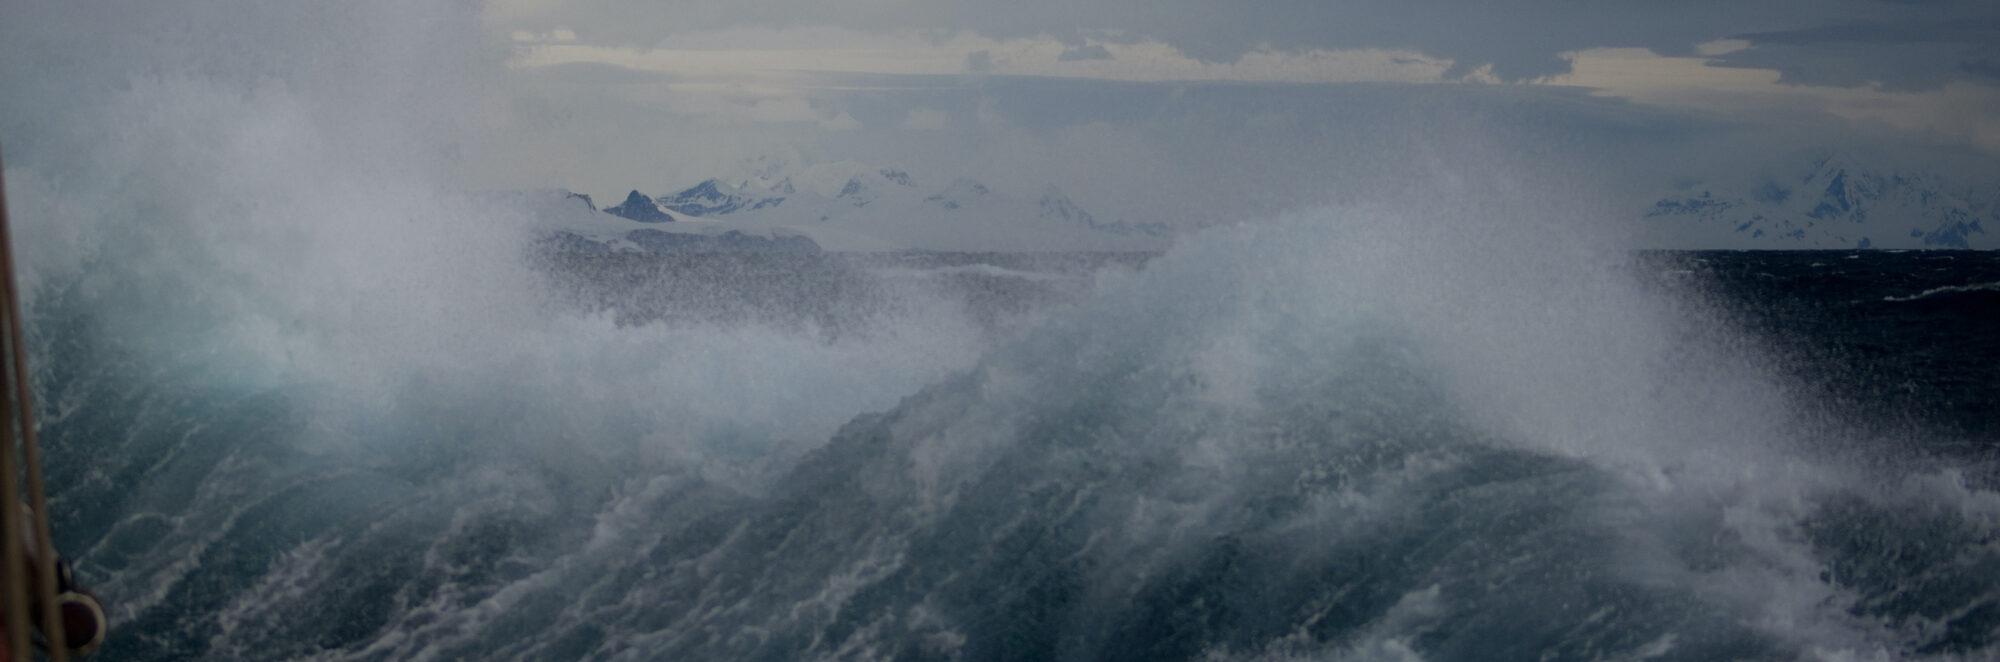 Stormbild med stora vågor